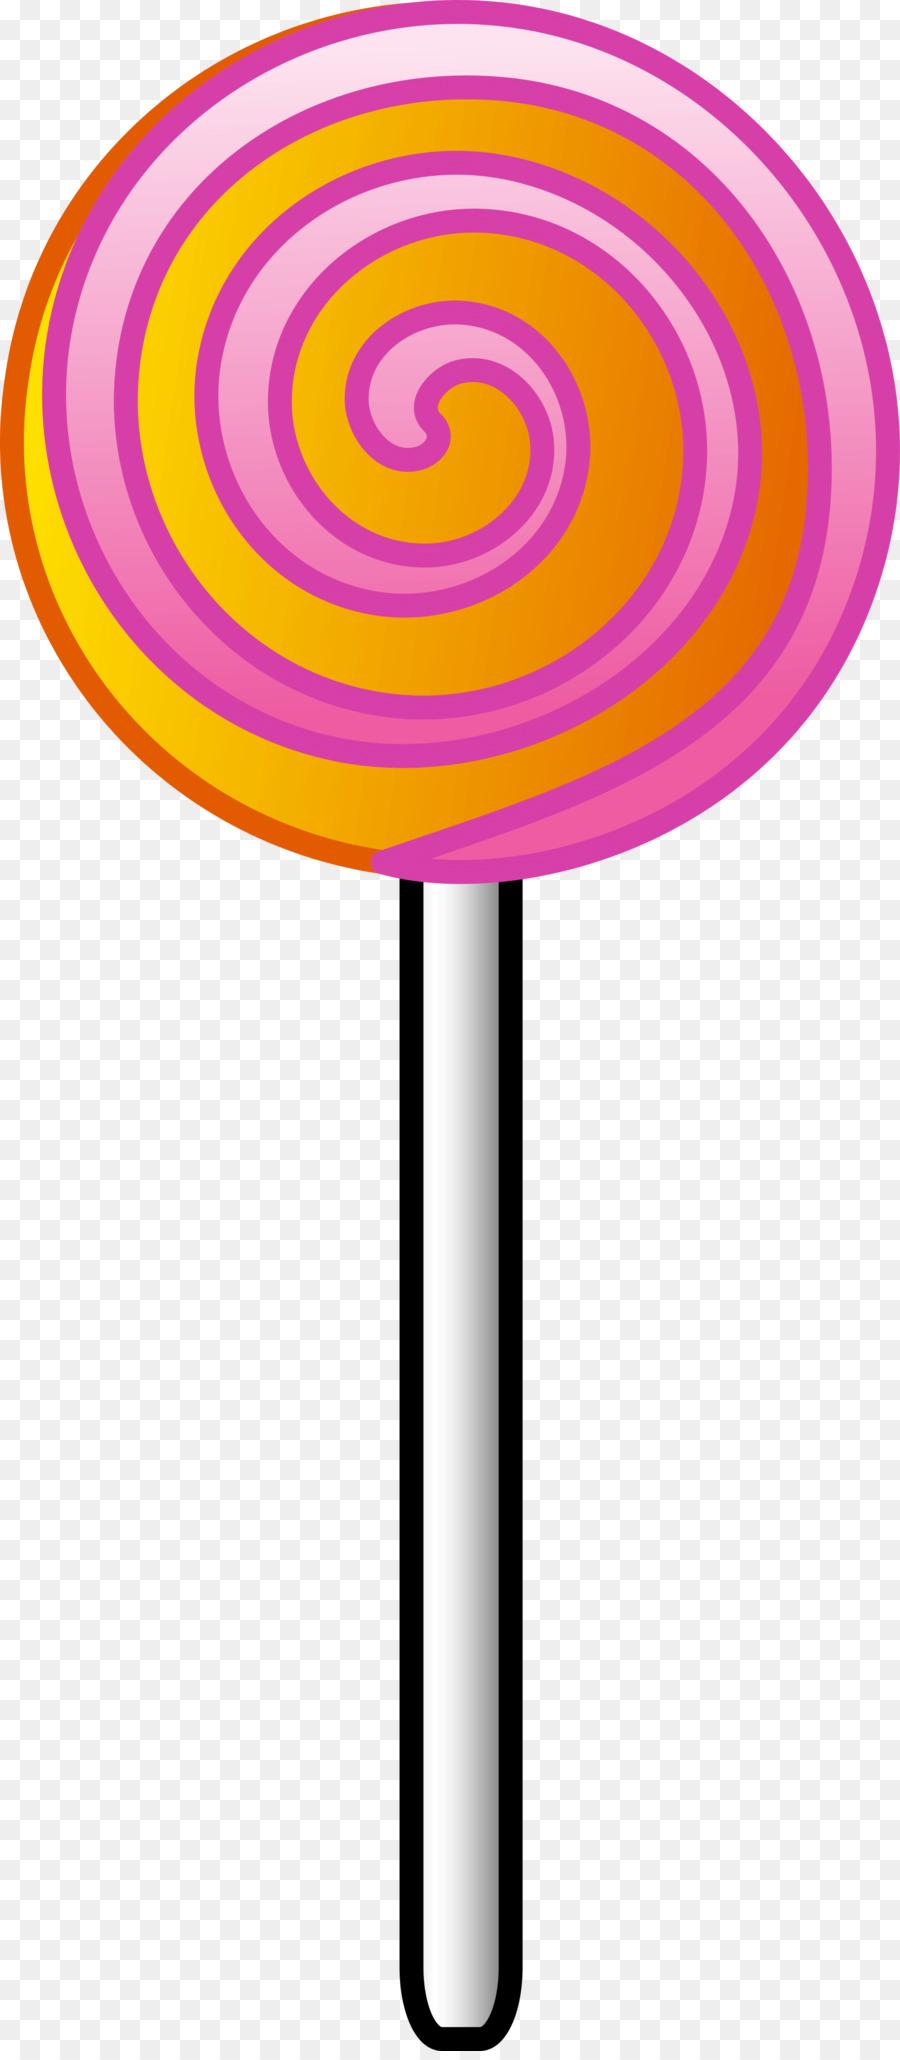 lollipop candy cane clip art lollipop png download 2000 4558 rh kisspng com lollipop clipart svg lollipop clip art image